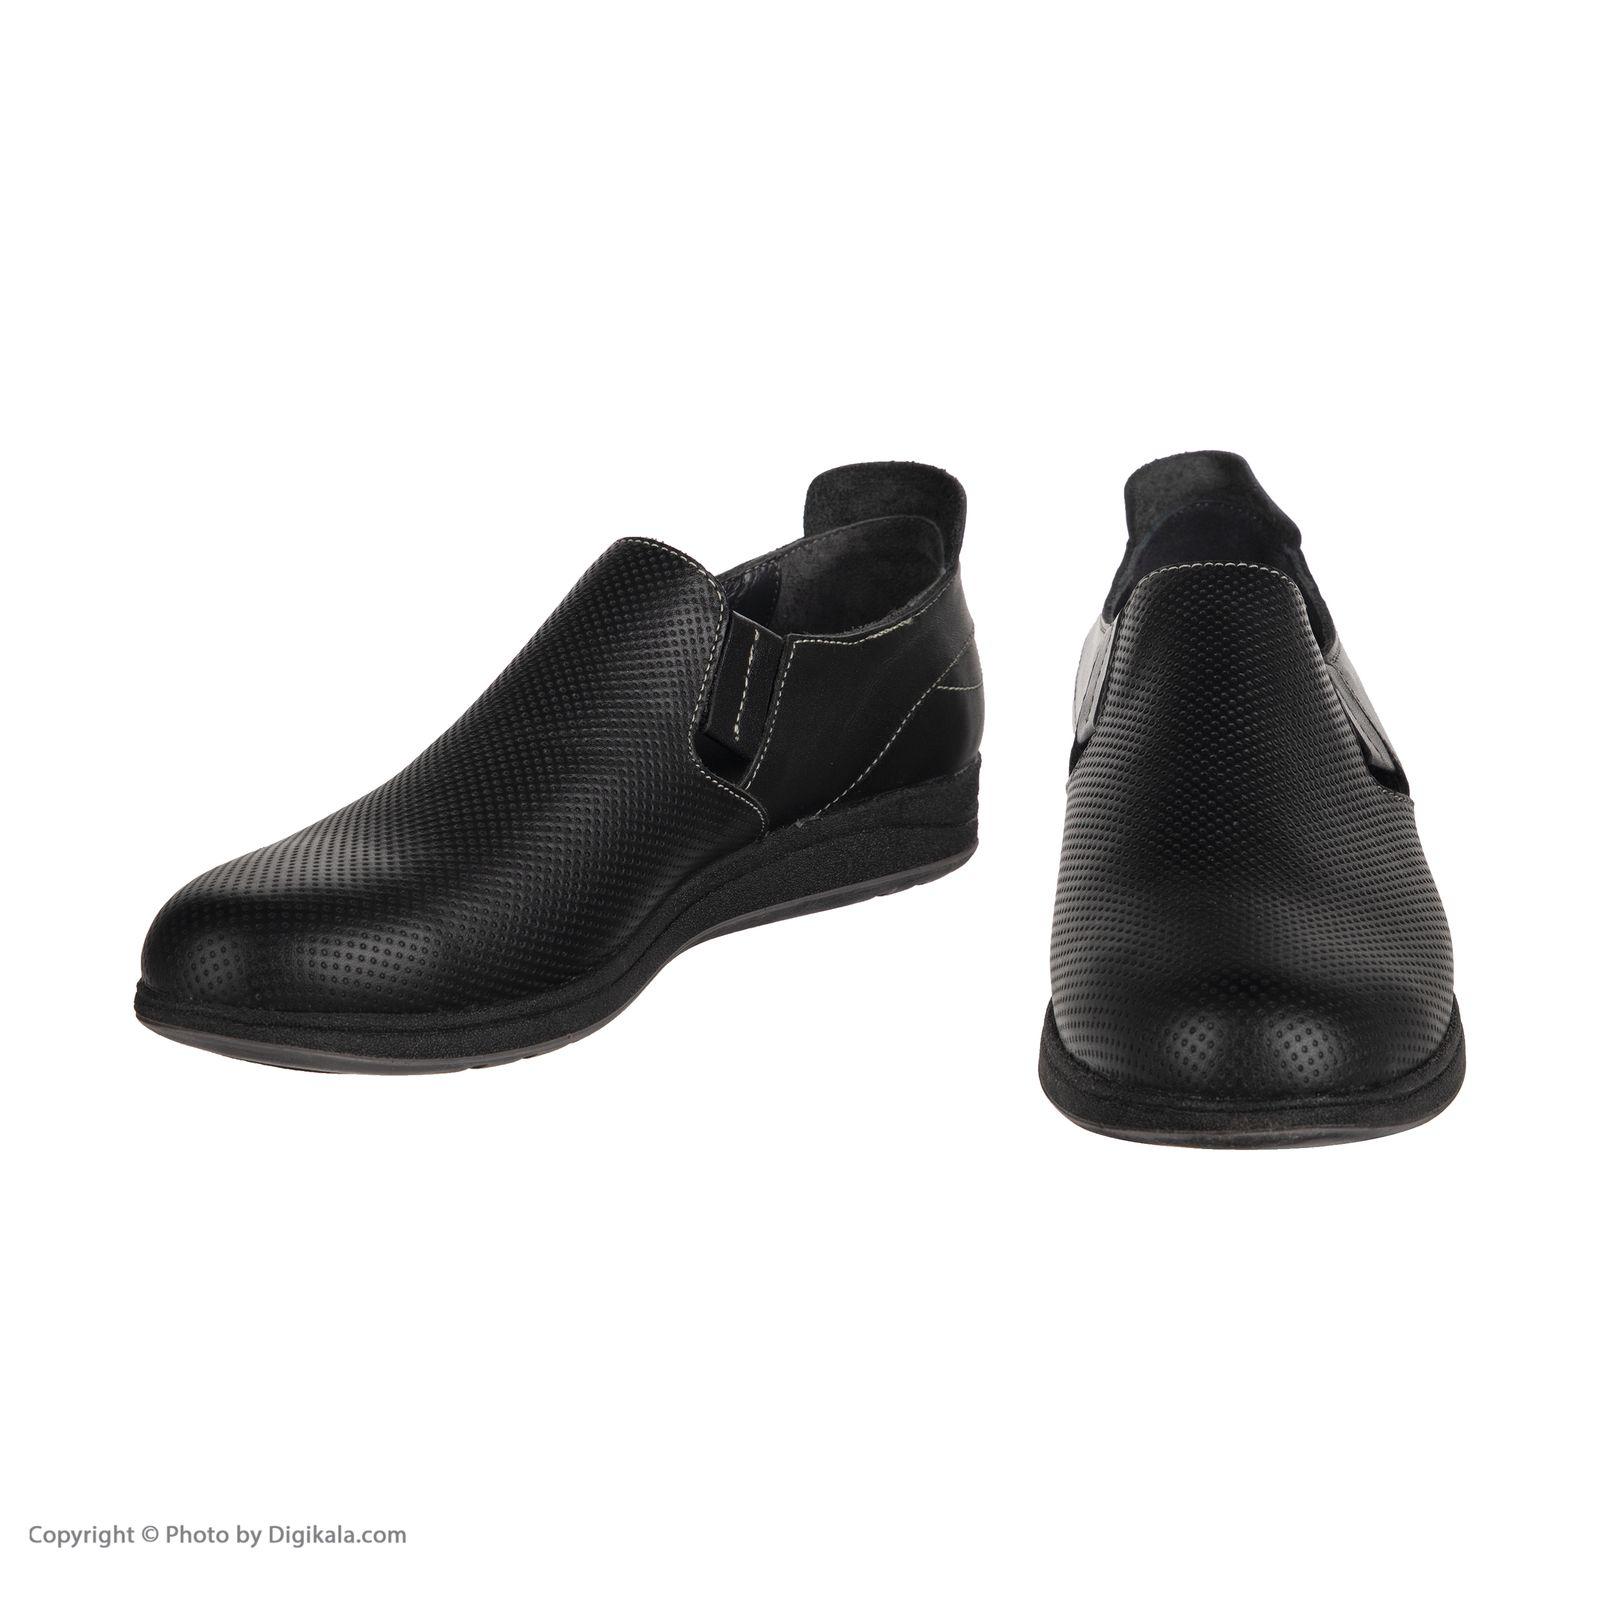 کفش روزمره زنانه سوته مدل 2958B500101 -  - 7